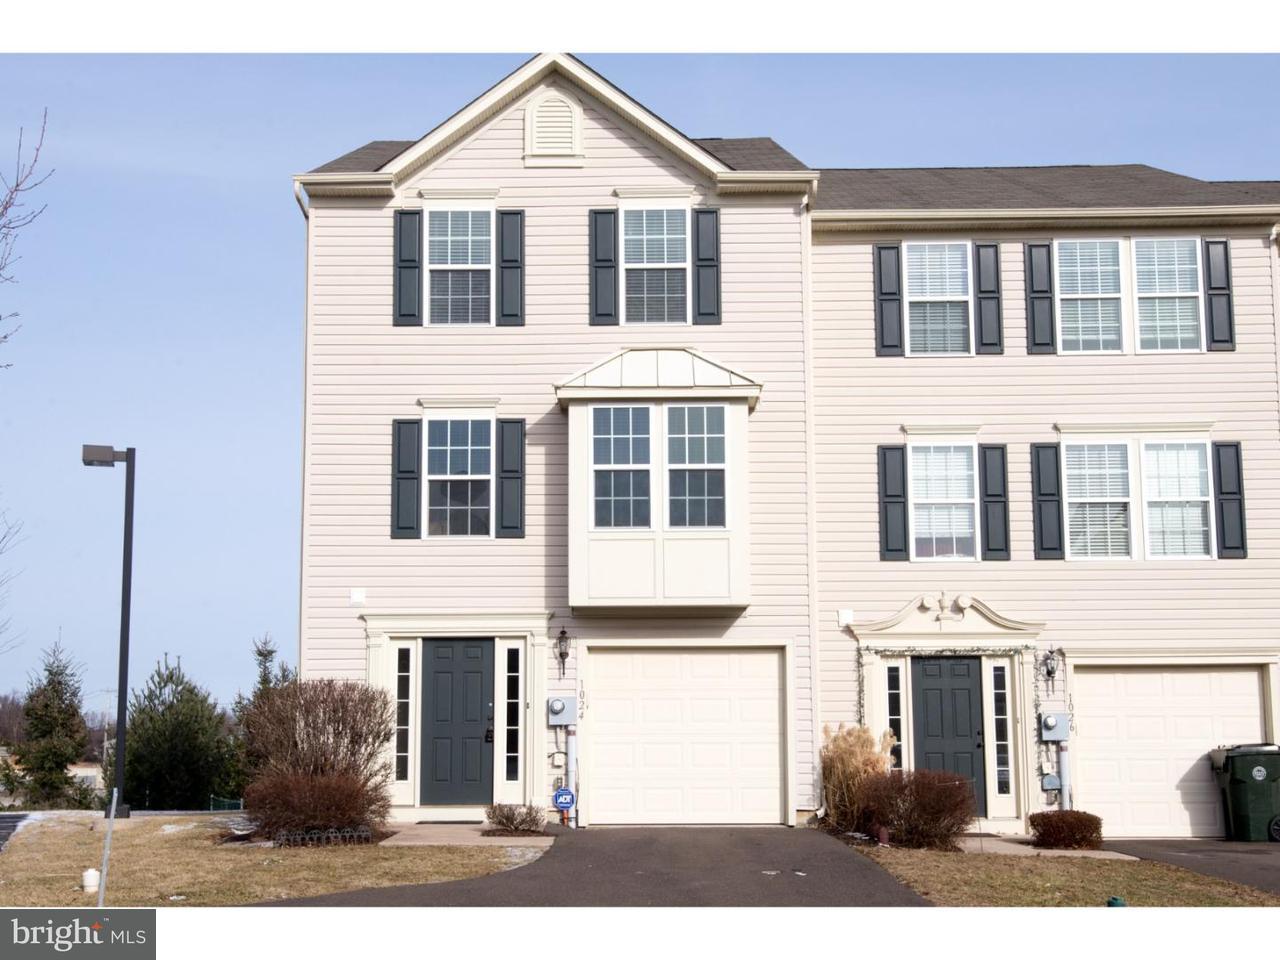 联栋屋 为 销售 在 1024 SPARROW WAY #50 Breinigsville, 宾夕法尼亚州 18106 美国